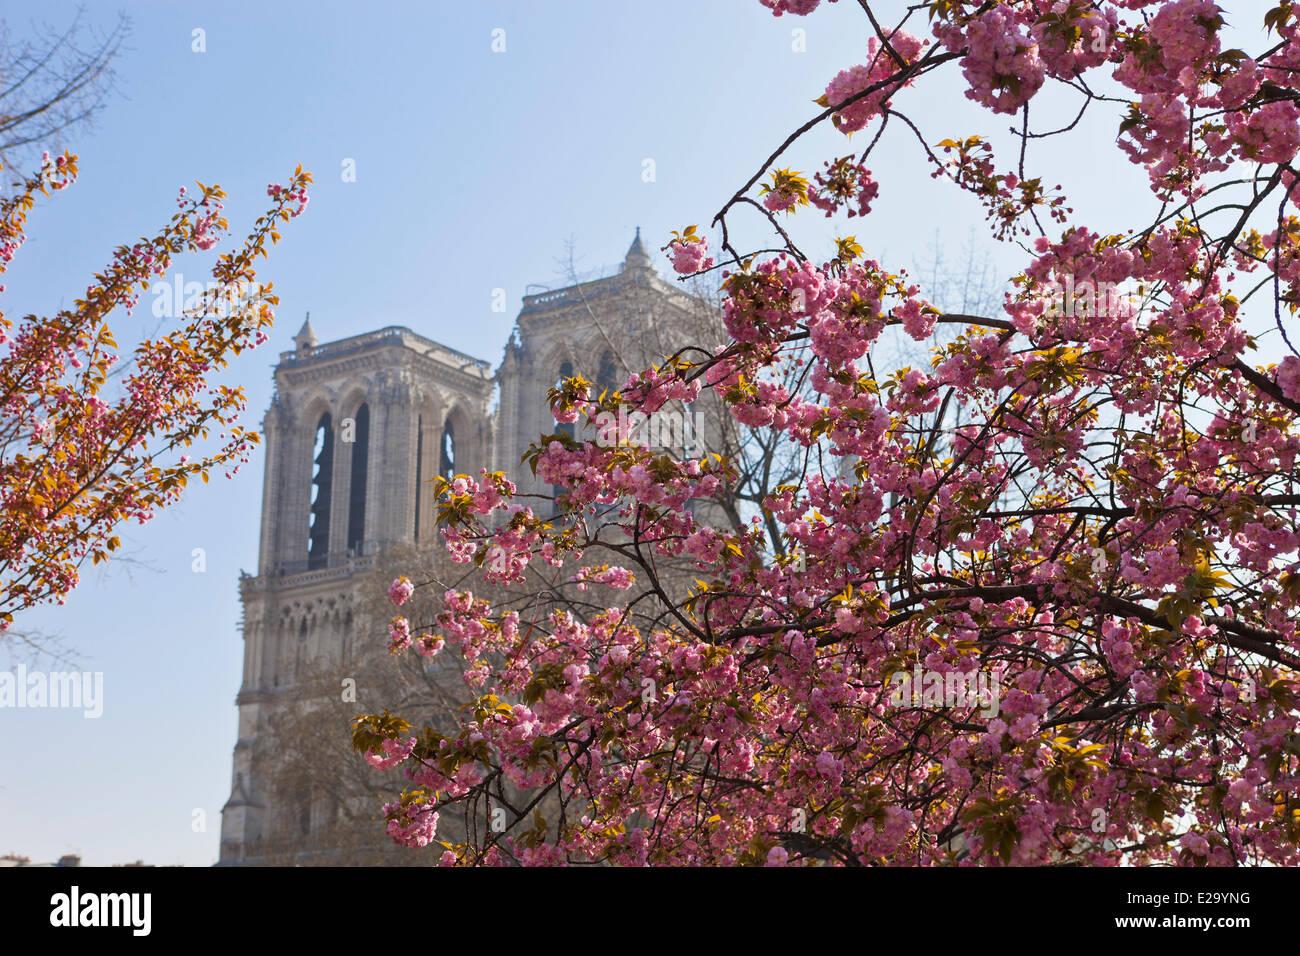 France, Paris, Notre Dame de Paris in the spring, plum - Stock Image